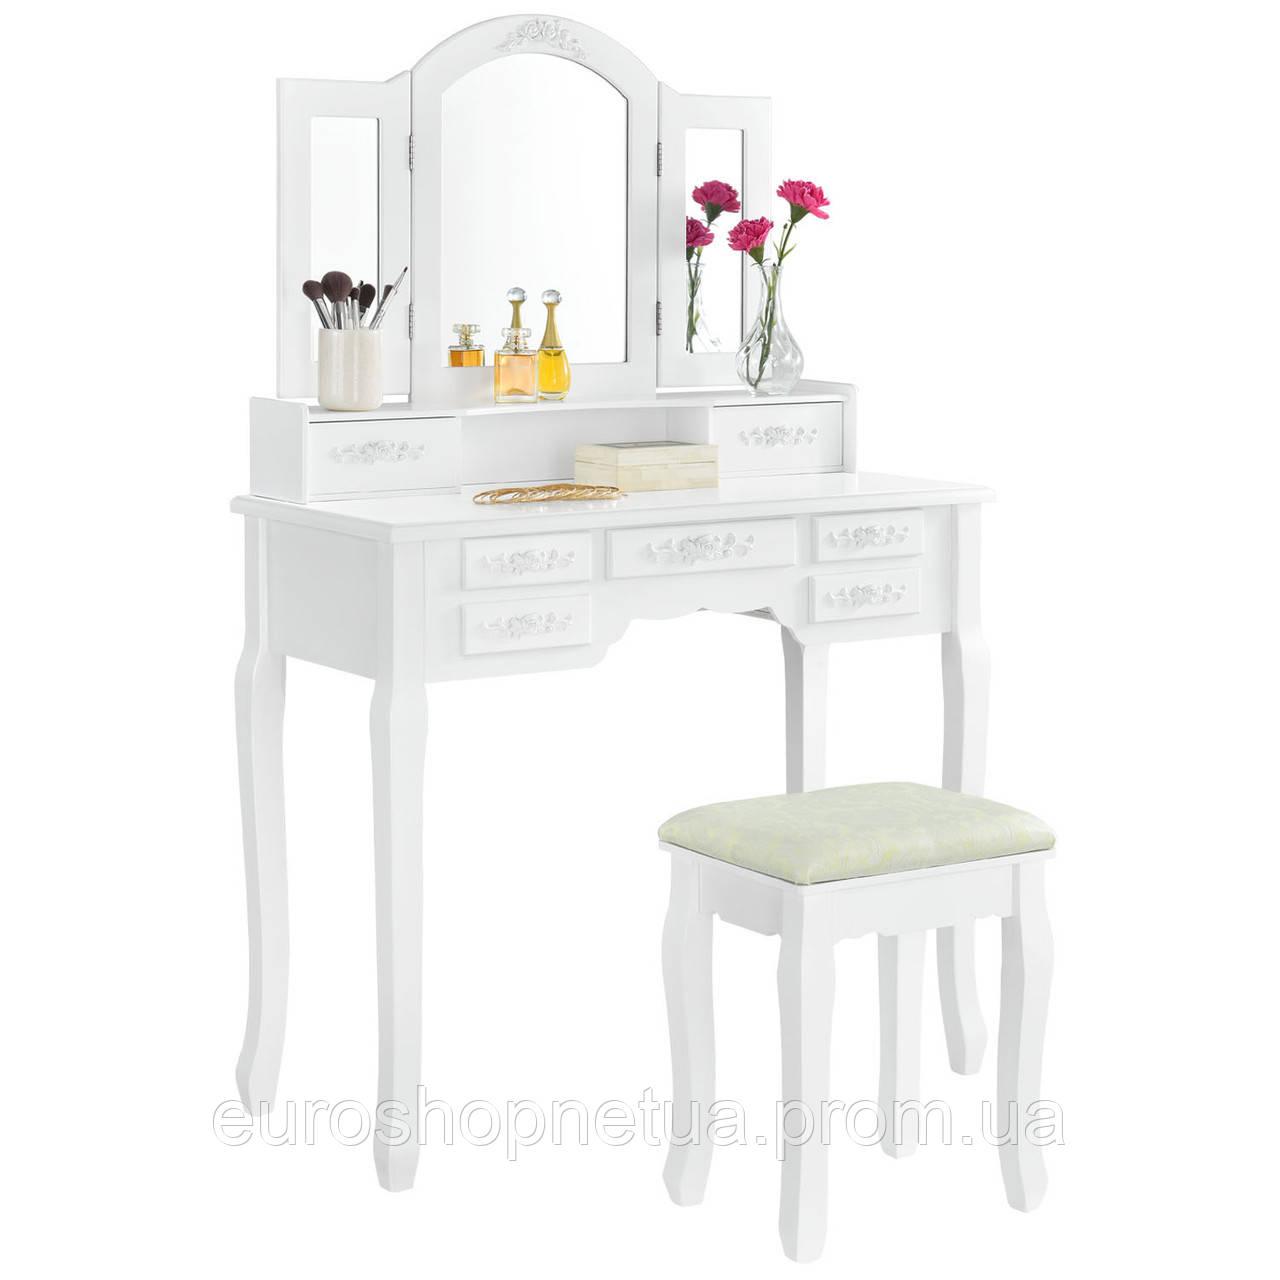 Туалетный столик Эльза2 белый с зеркалом